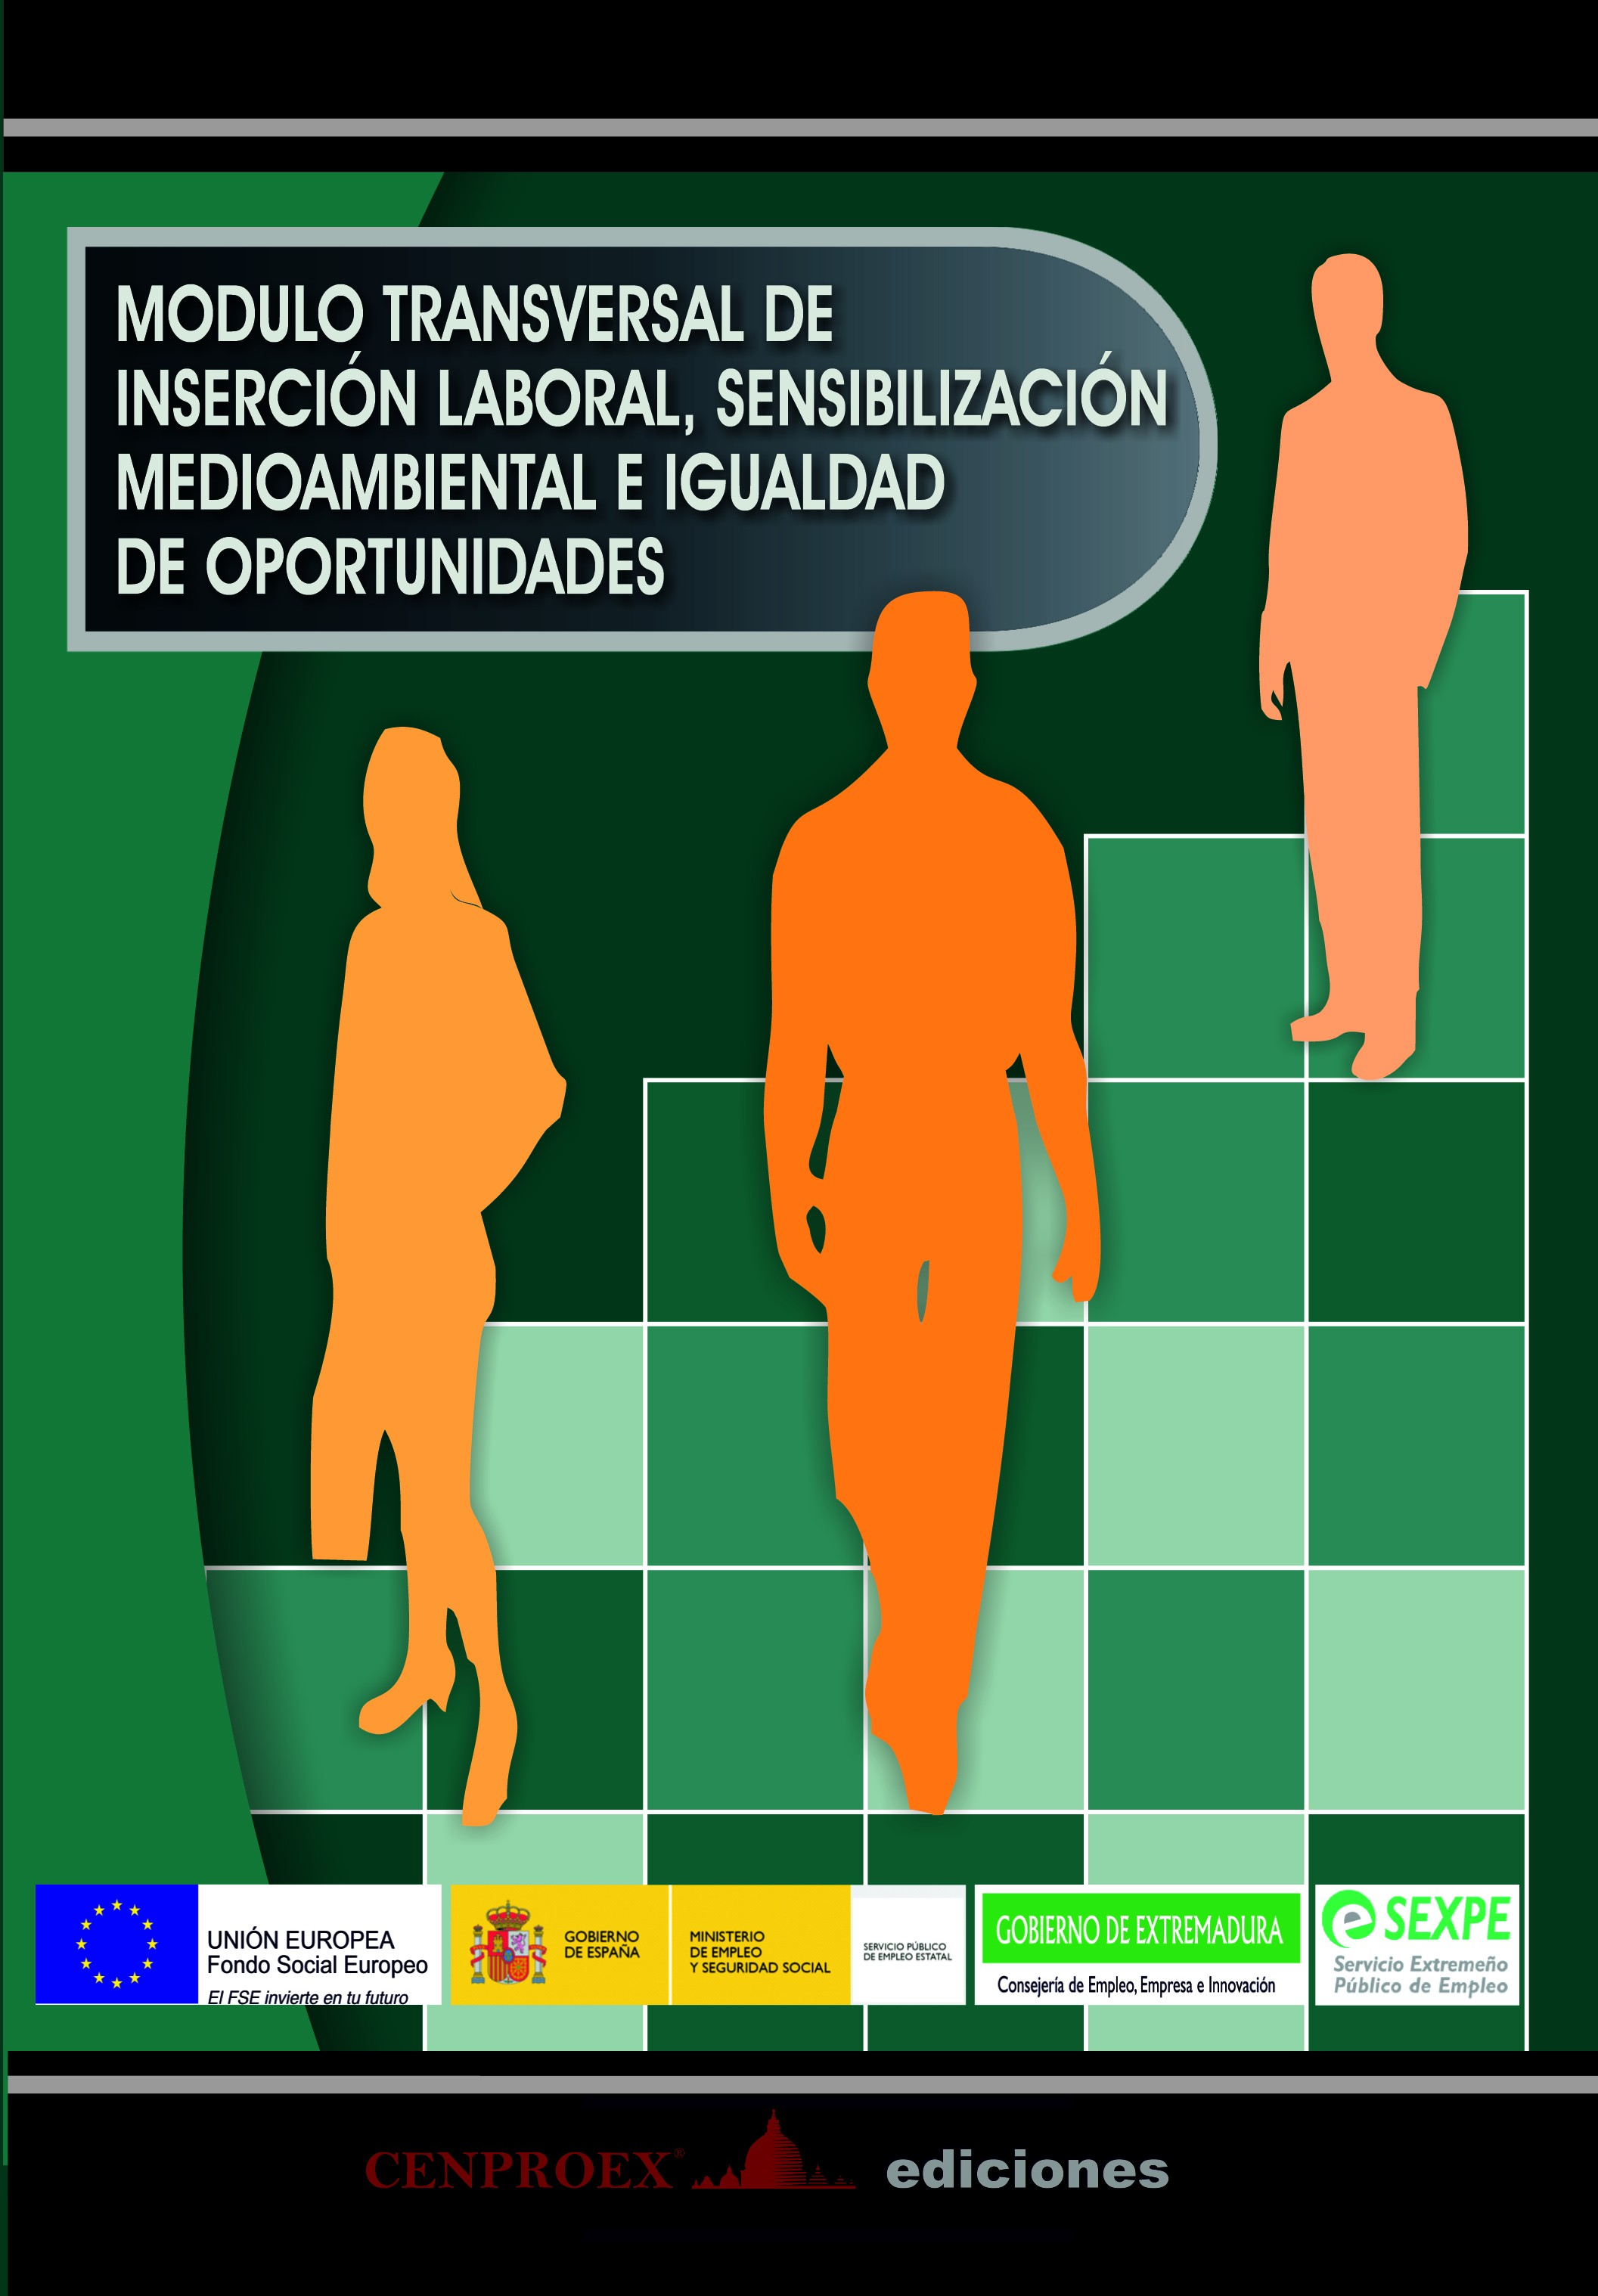 115. Módulo Transversal de Inserción Laboral, Sensibilización Medioambiental e Igualdad de Oportunidades